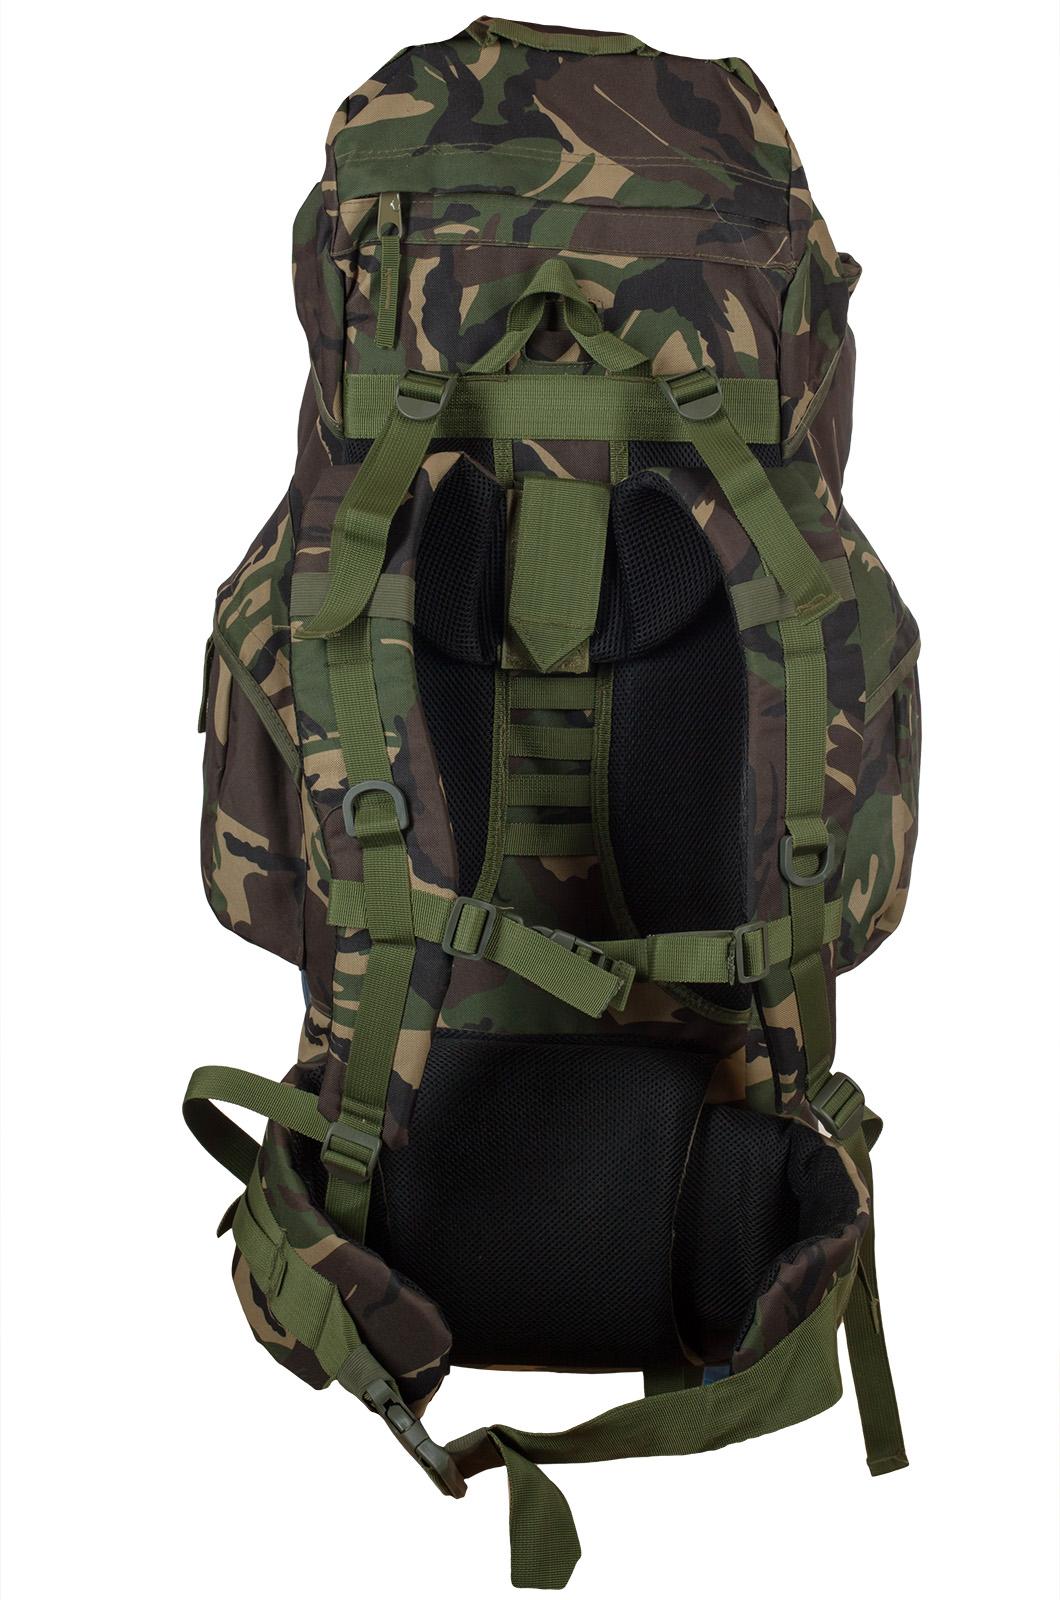 Многодневный туристический рюкзак с нашивкой РХБЗ купить в подарок